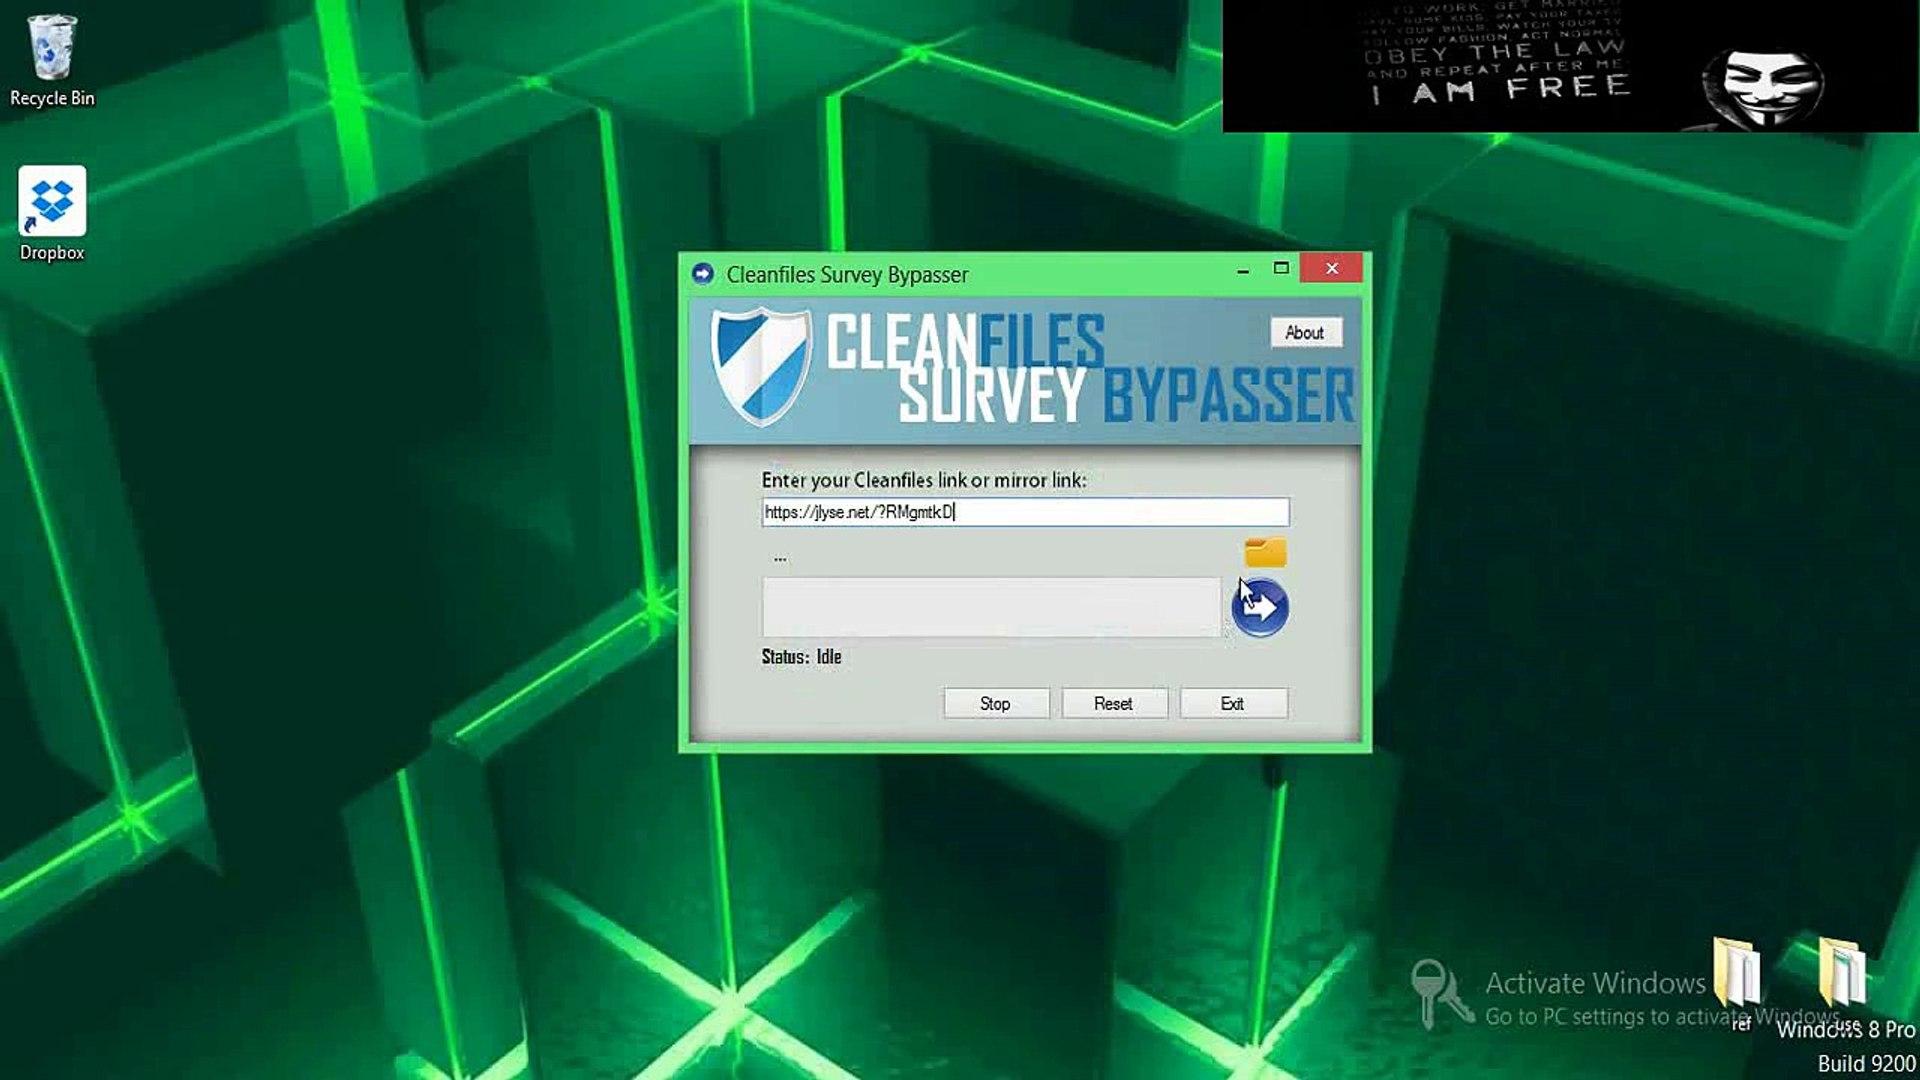 (20 August) Sharecash Hack Downloader - Direct link - How to Bypass Sharecash Surveys